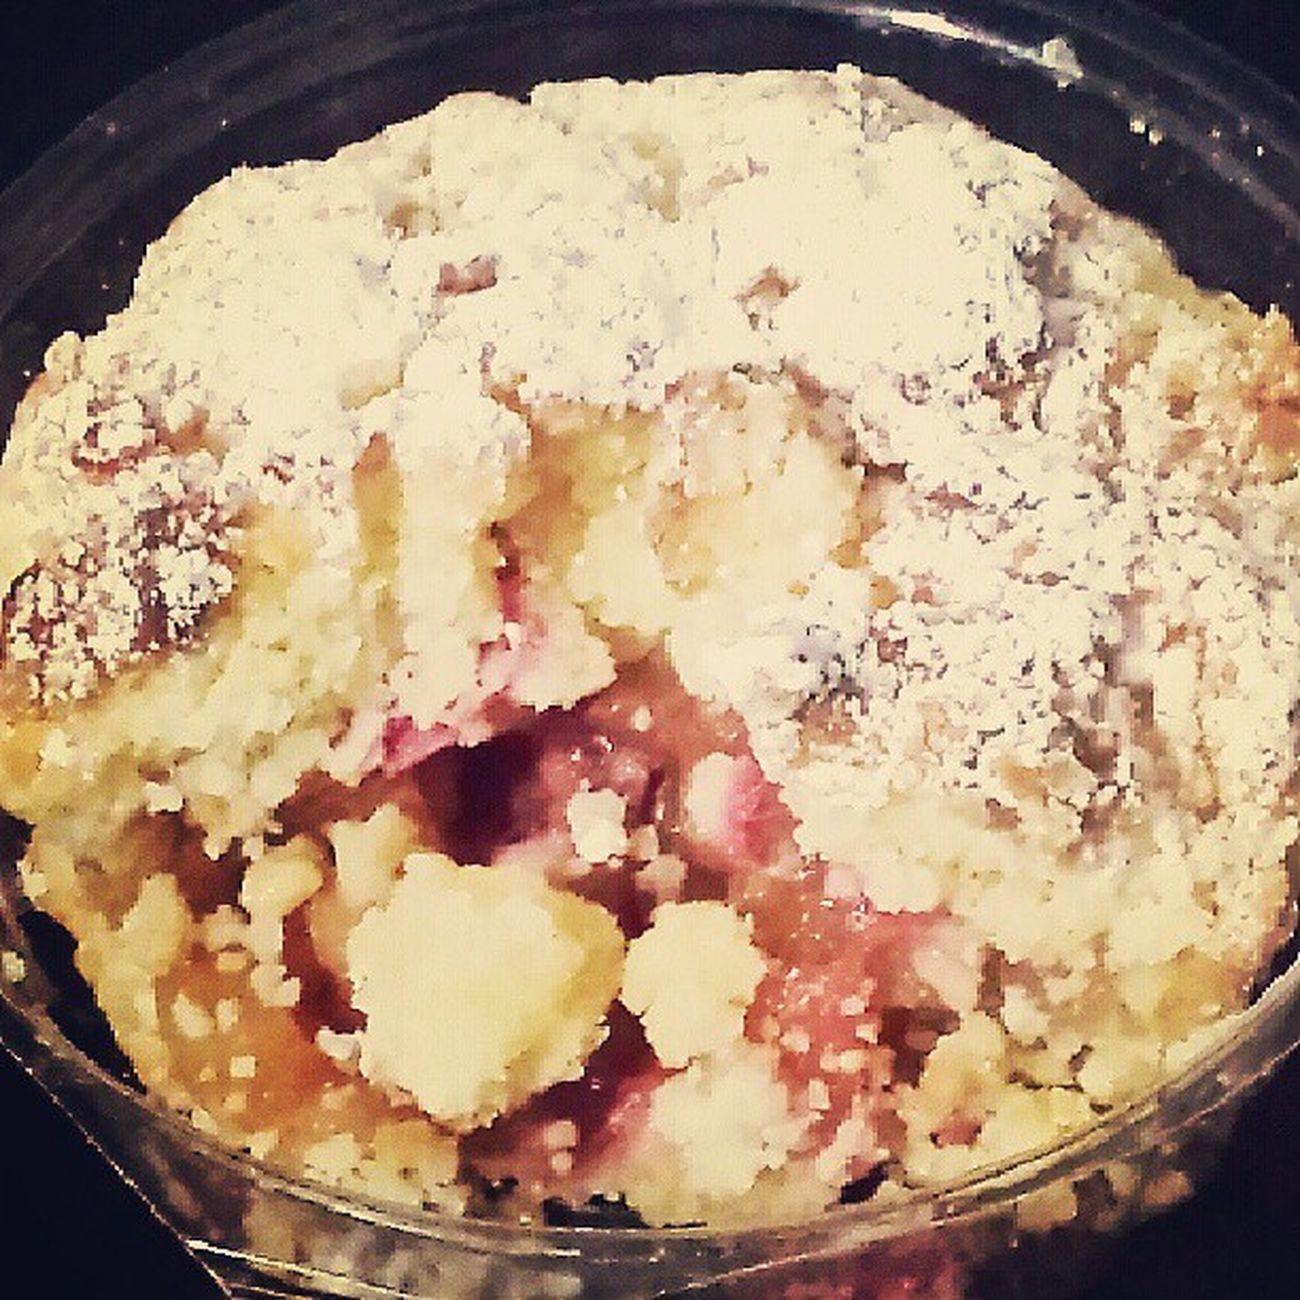 Every bite is yummmmm! Hahaha Appleandrhubarbtart Tarts Sweets